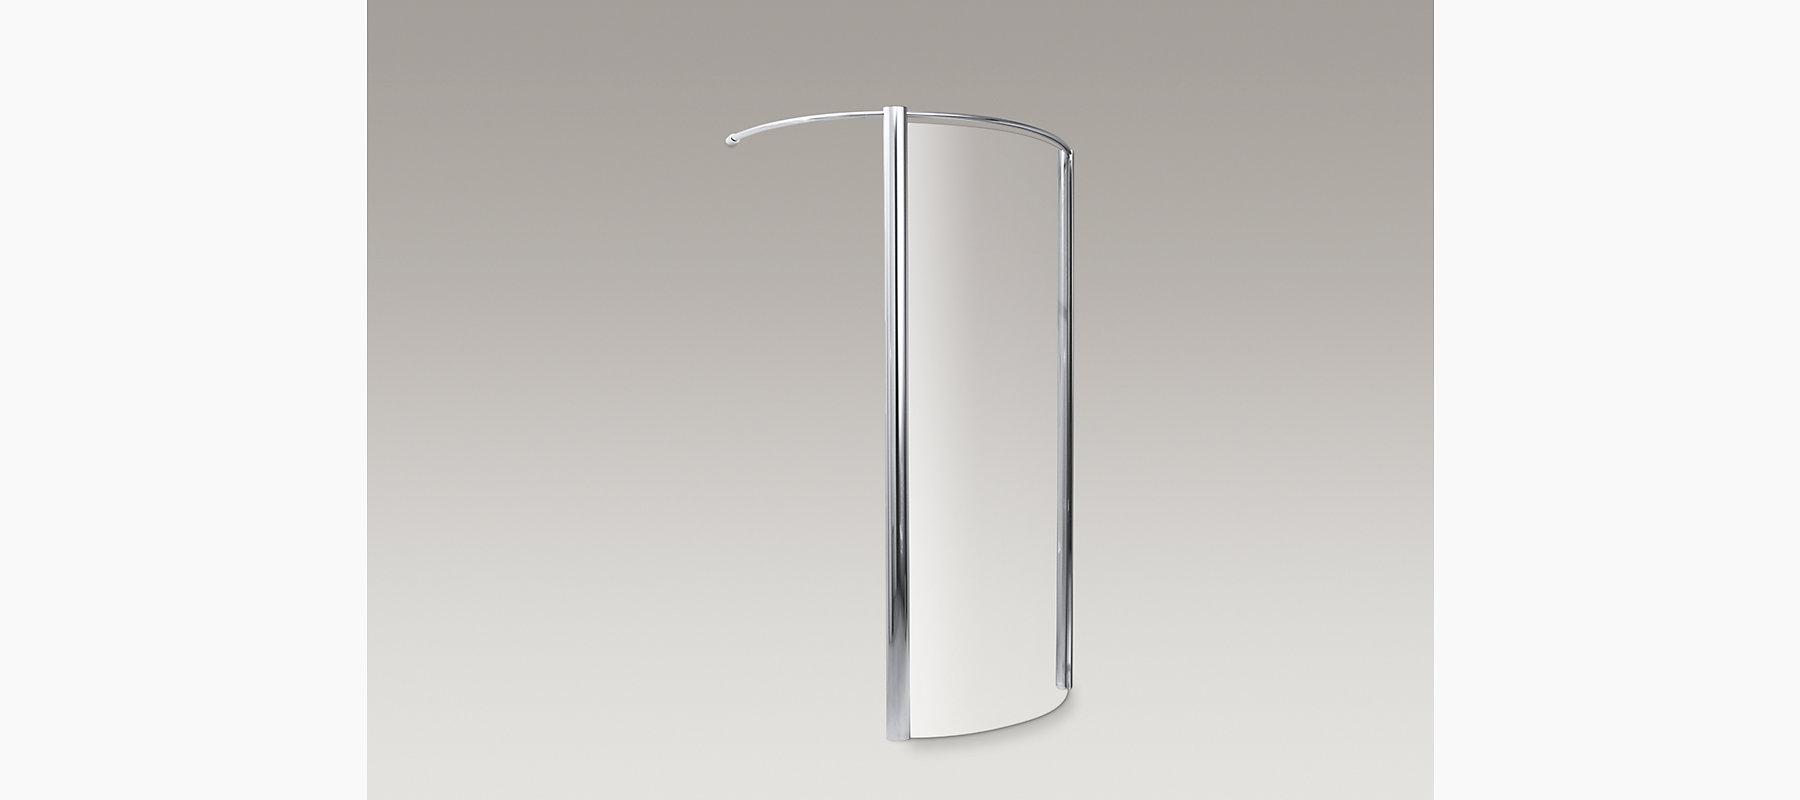 KOHLER| Cyan Frameless Walk-In Shower Enclosure | KOHLER